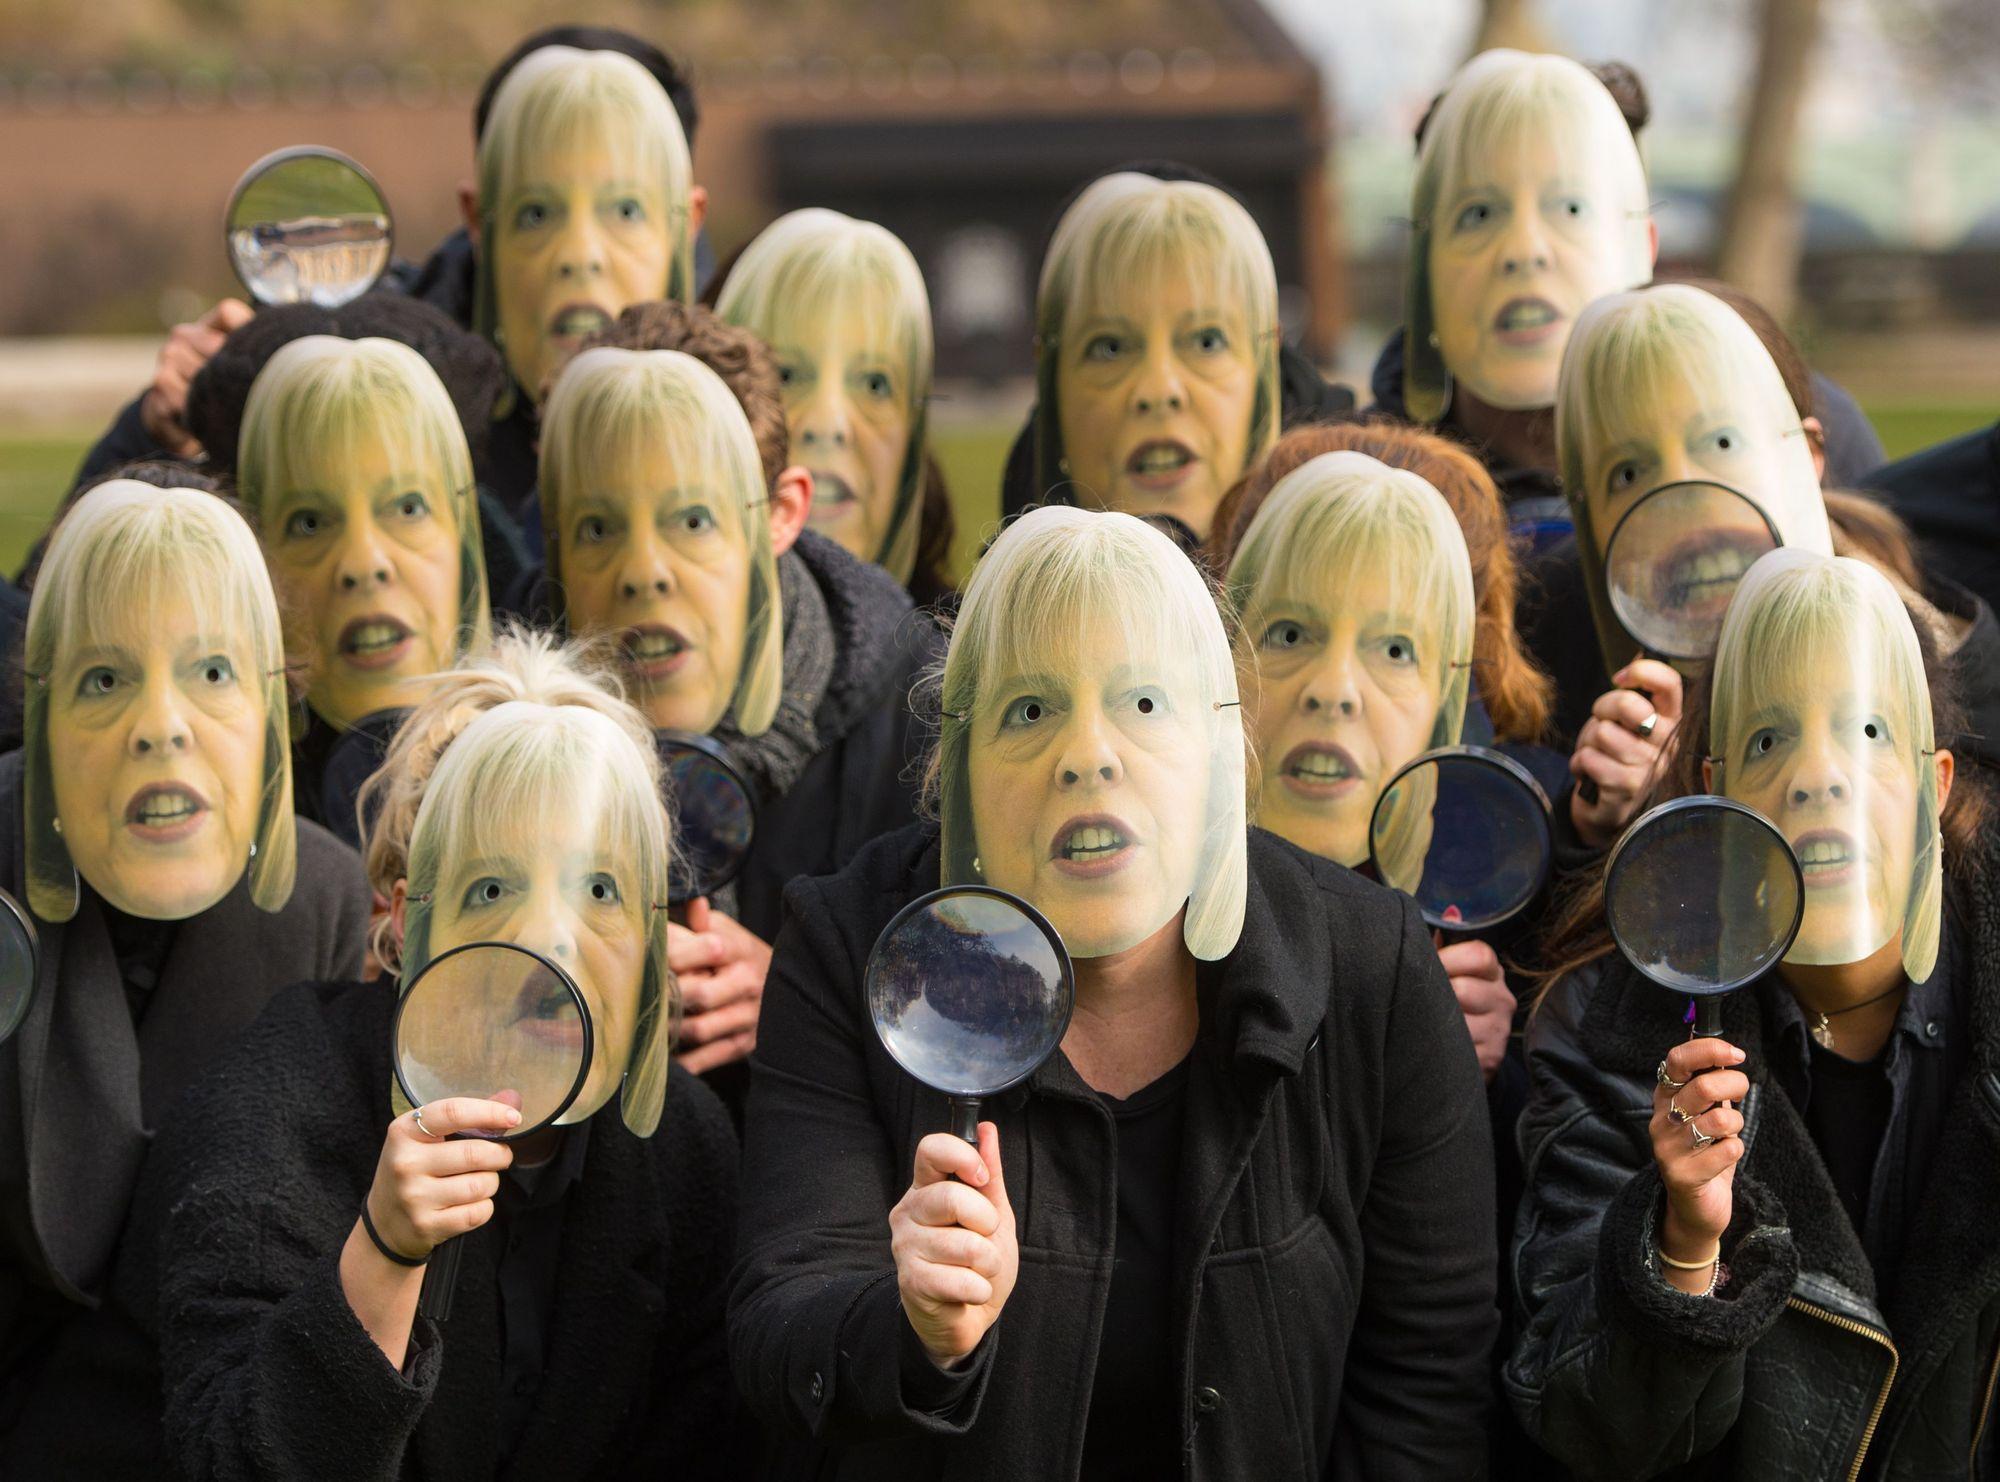 Medlemmer av kampanjegruppen NoteMyVote bærer masker av nåværende statsminister Theresa May under en protest mot det britiske lovforslaget om masseovervåkning som i går ble vedtatt.